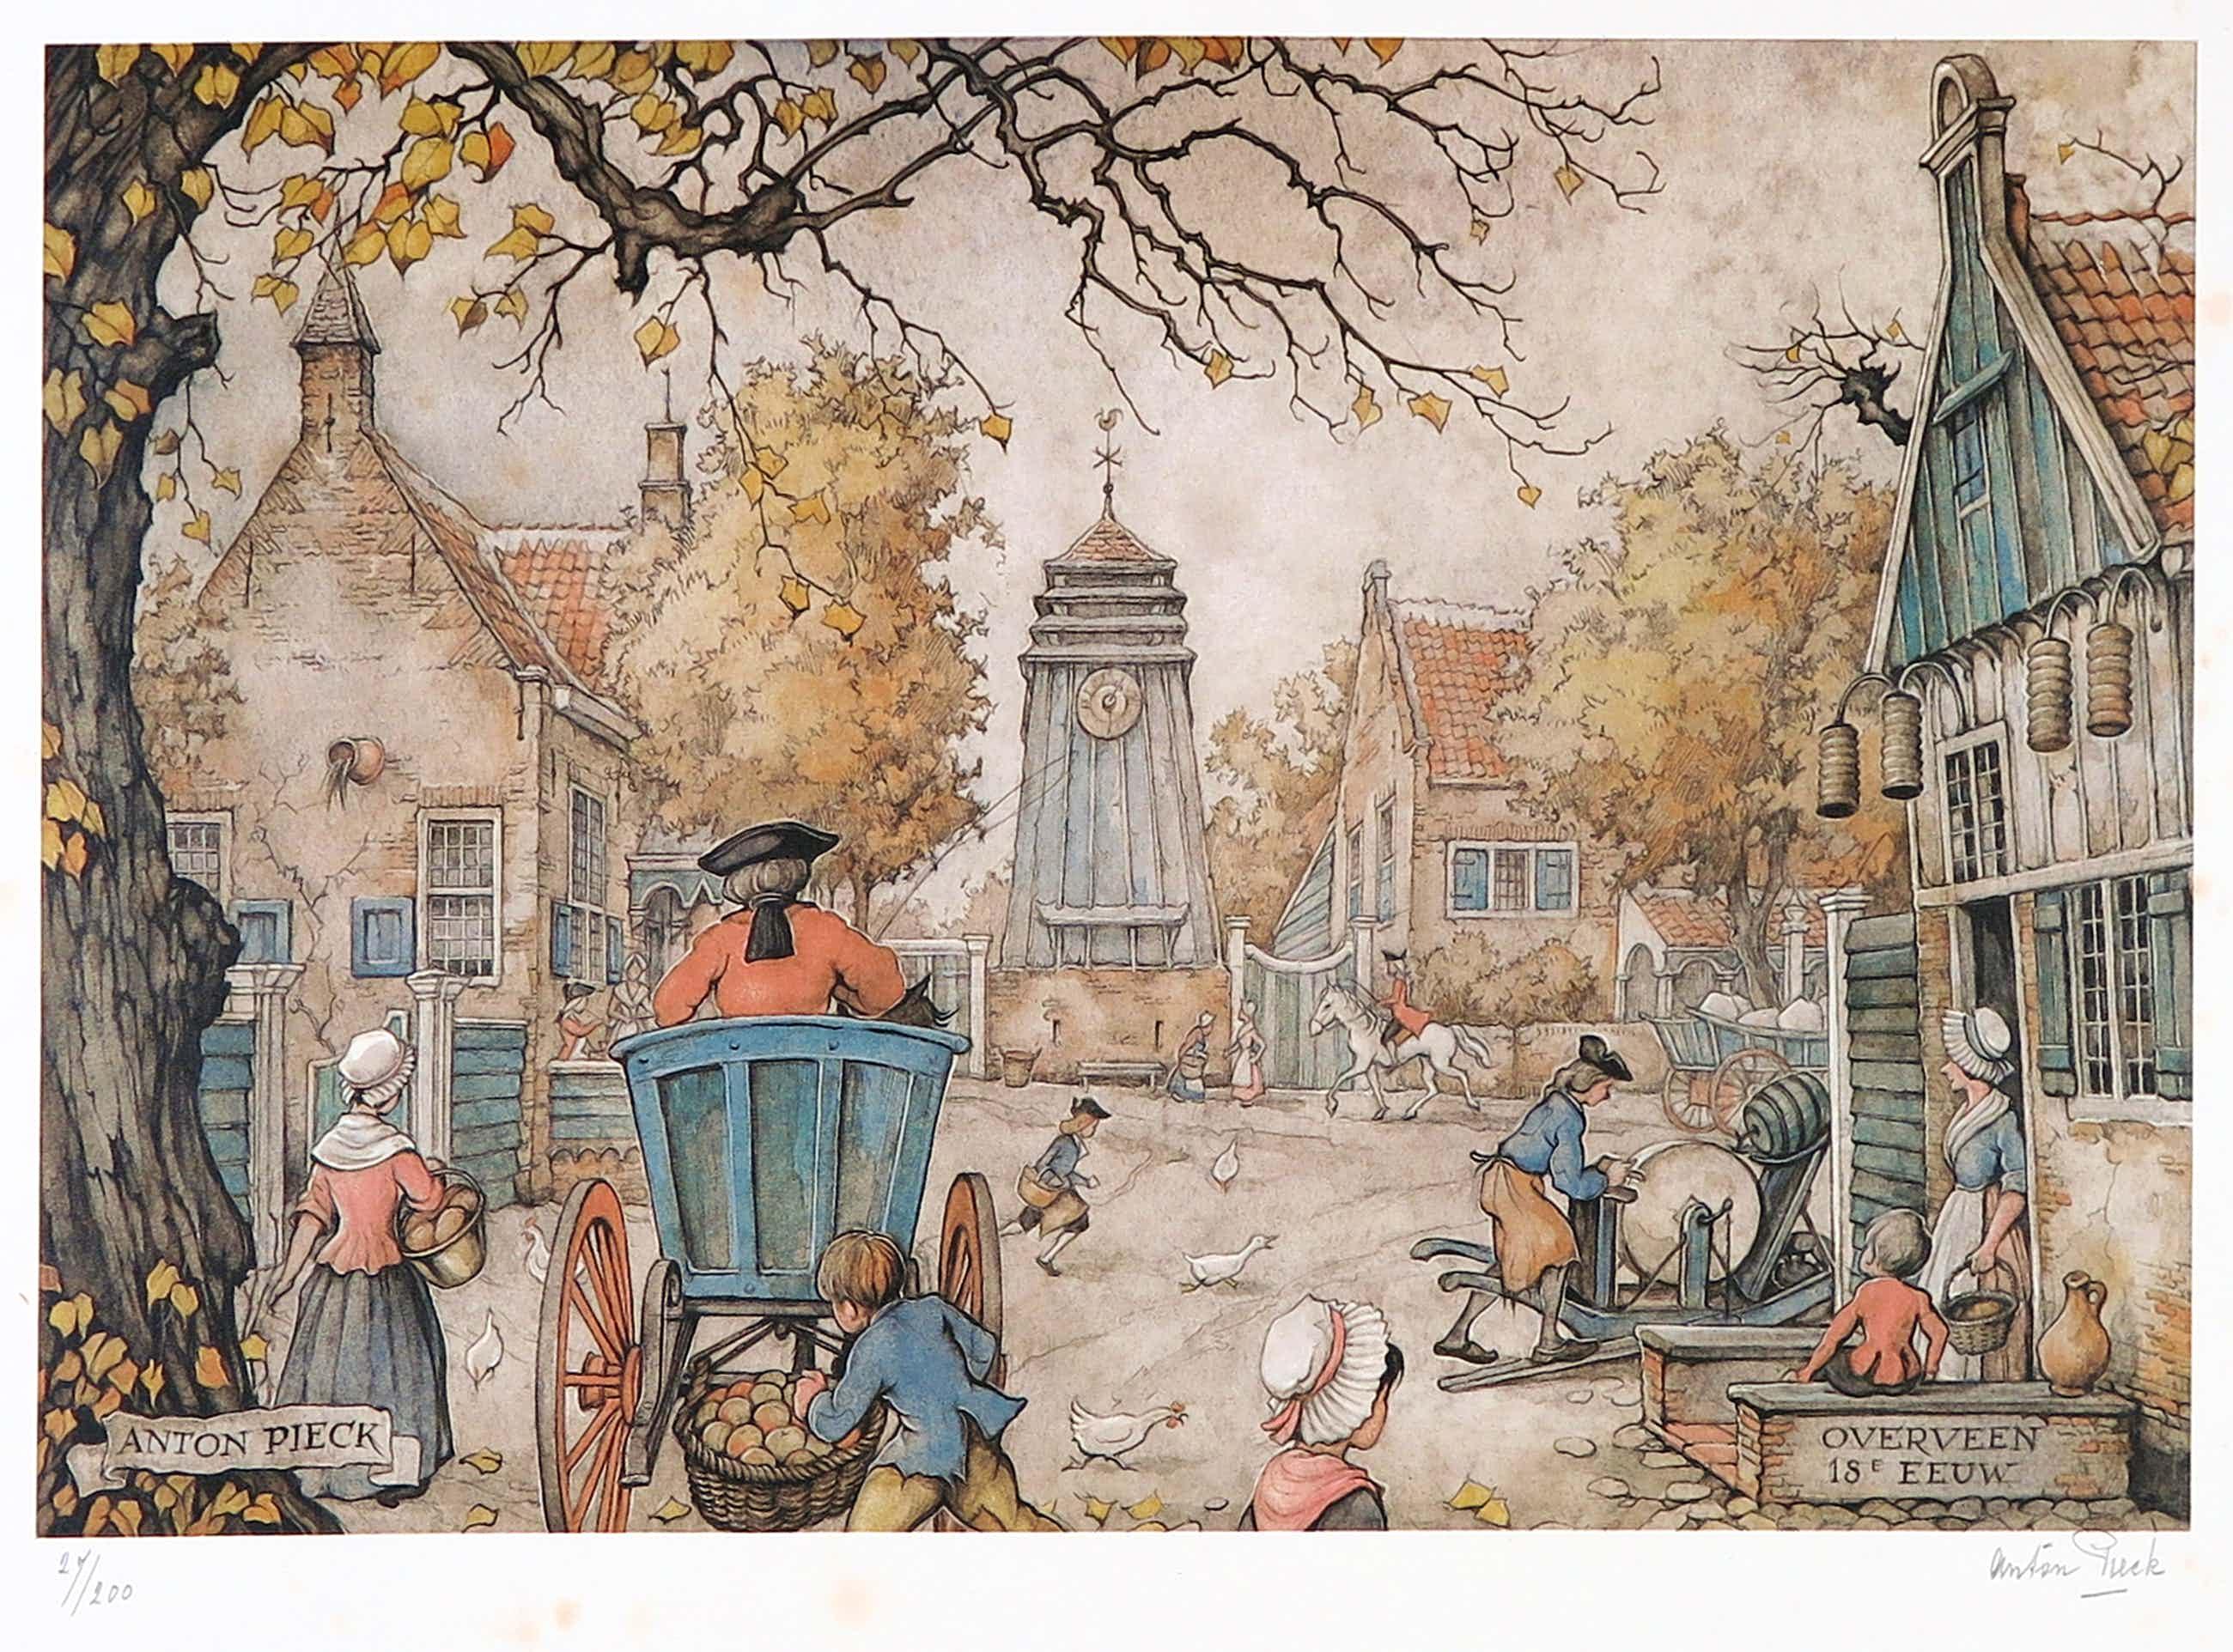 Anton Pieck - Overveen 18e eeuw kopen? Bied vanaf 50!